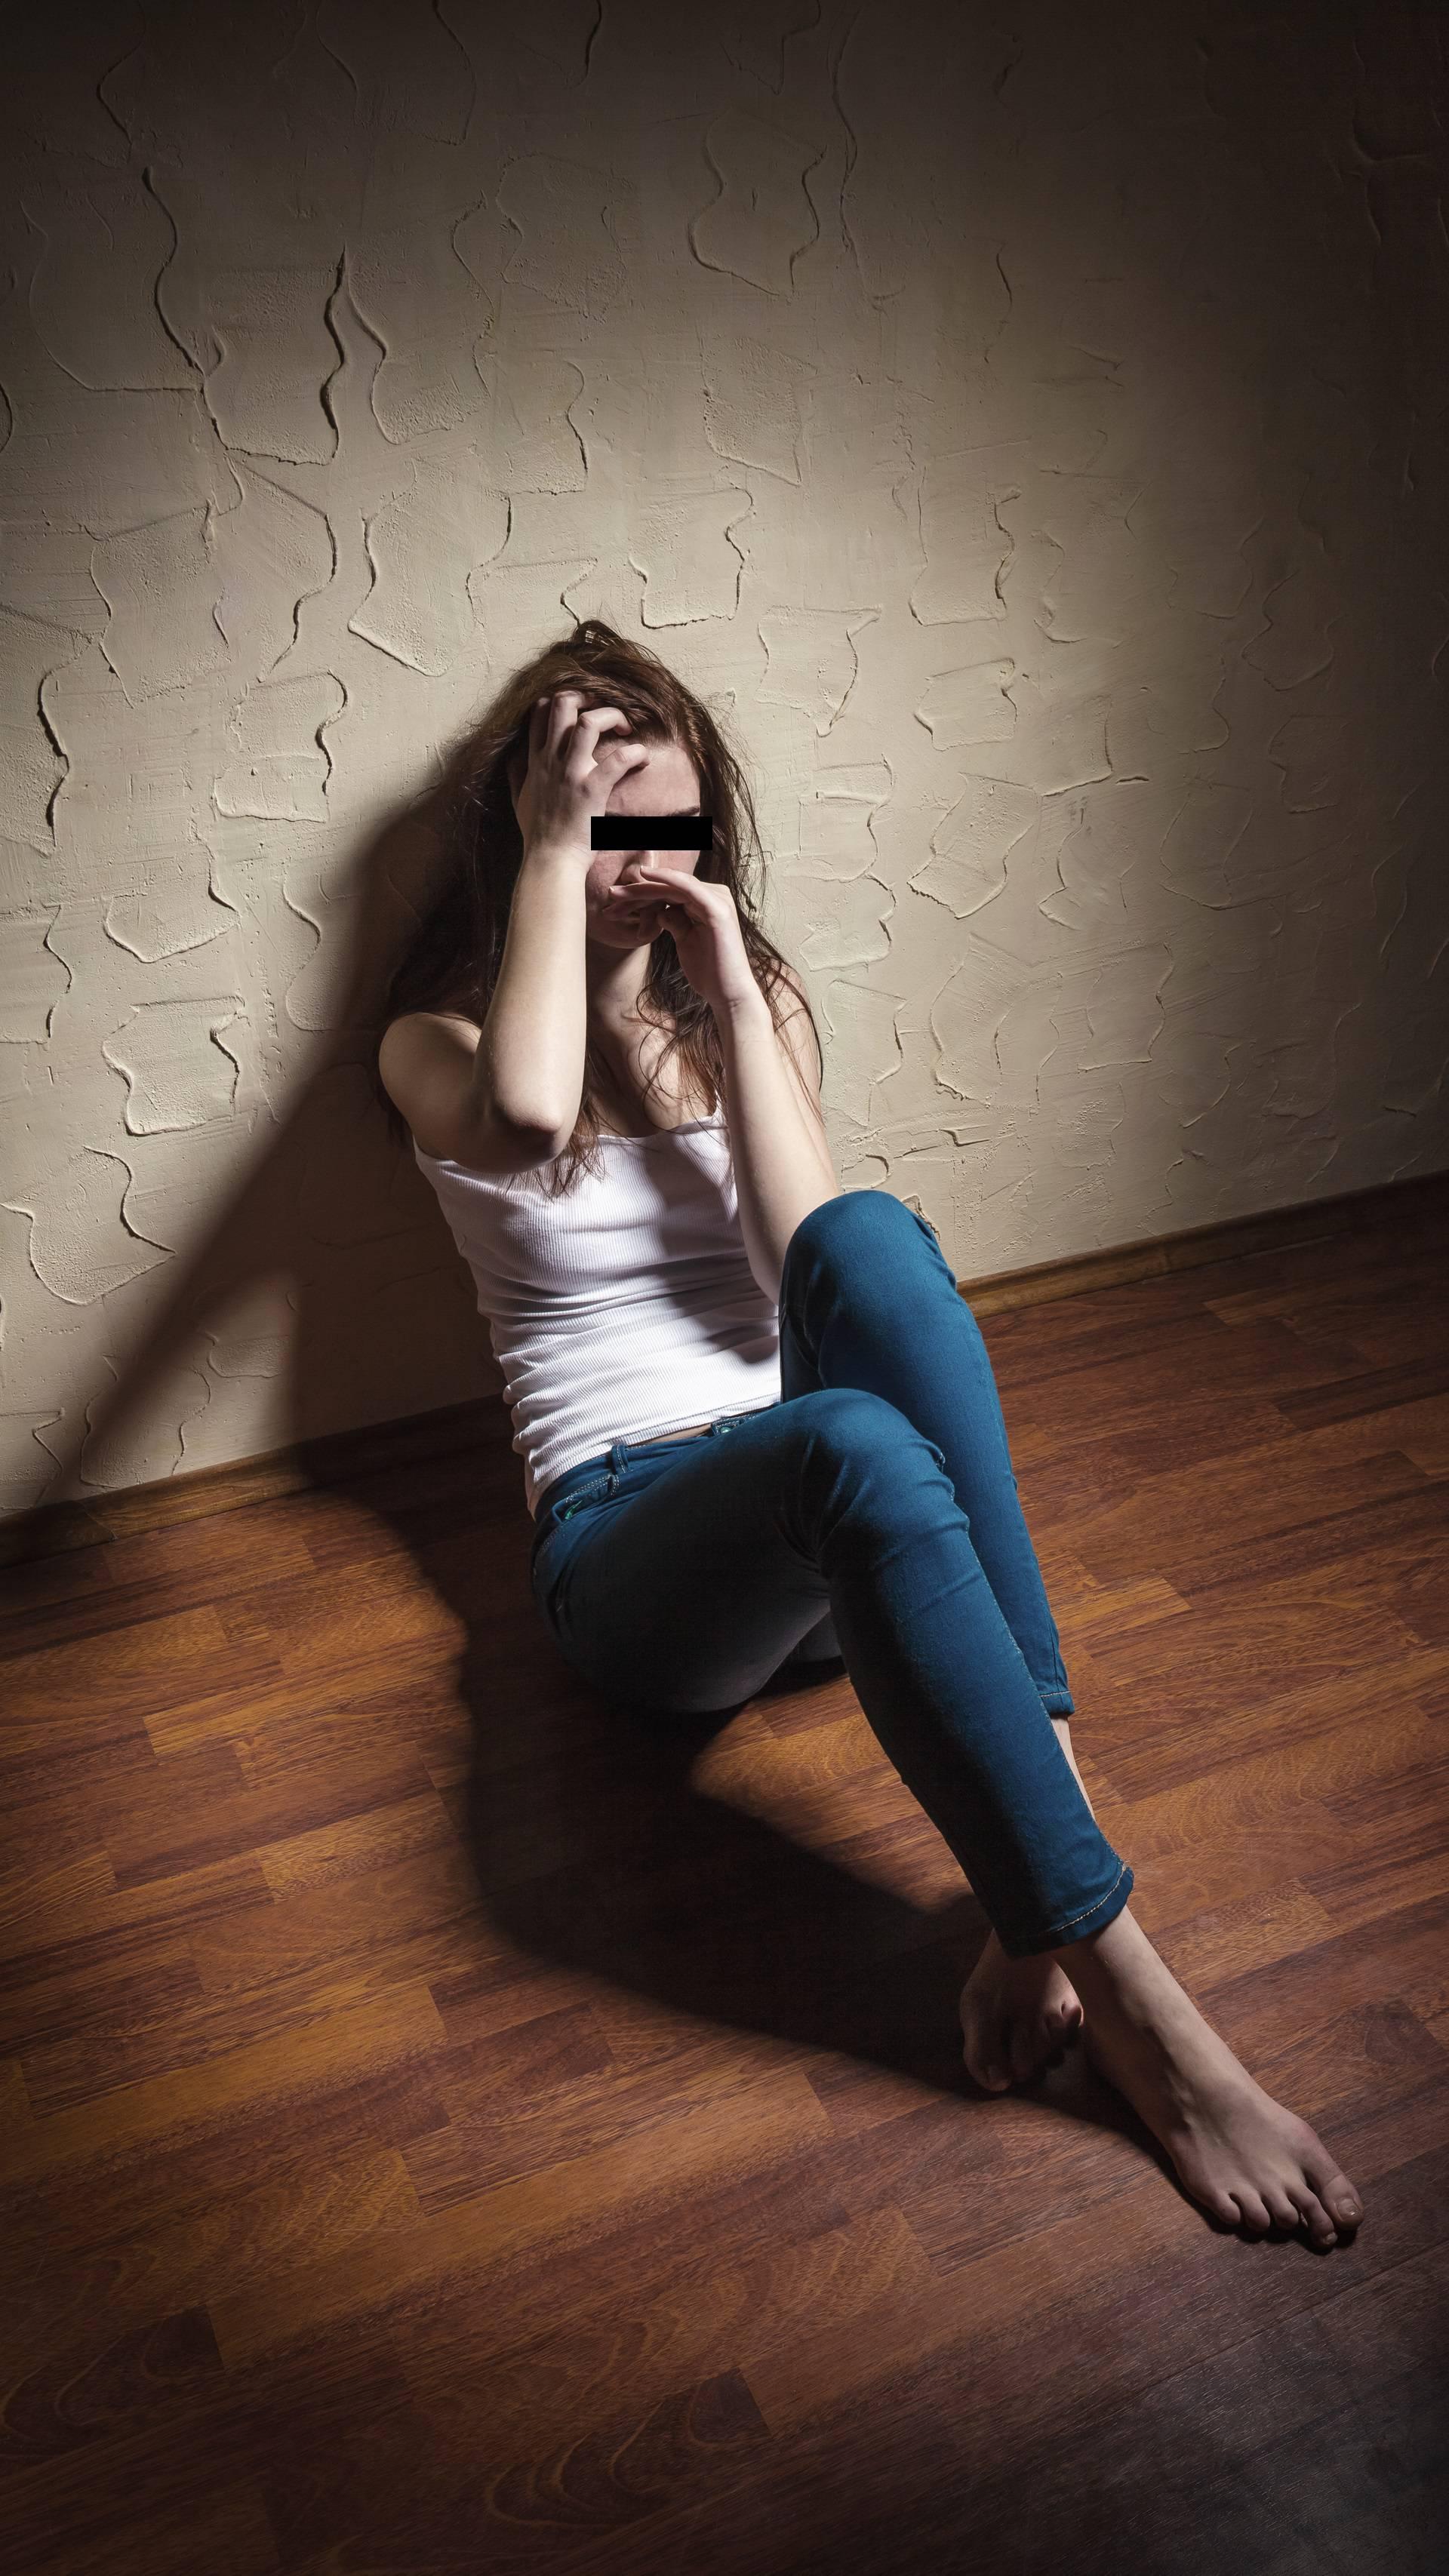 Recepcioner odveo Britanku u disko pa je pokušao silovati